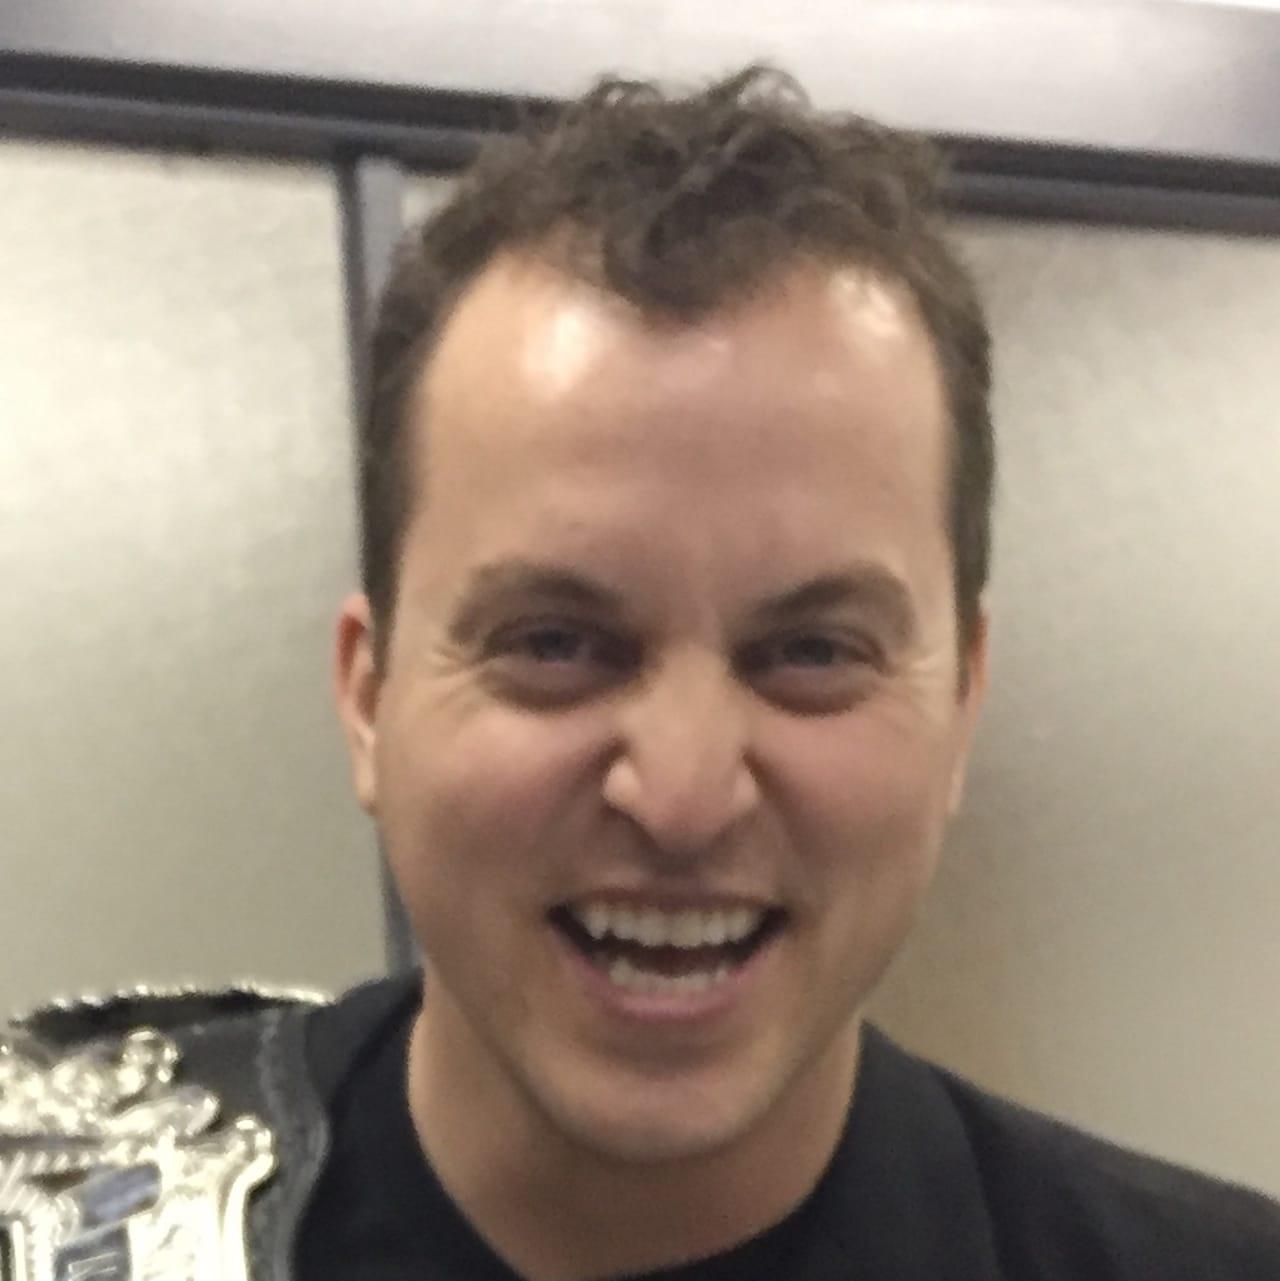 Original 2D image of a happy fellow